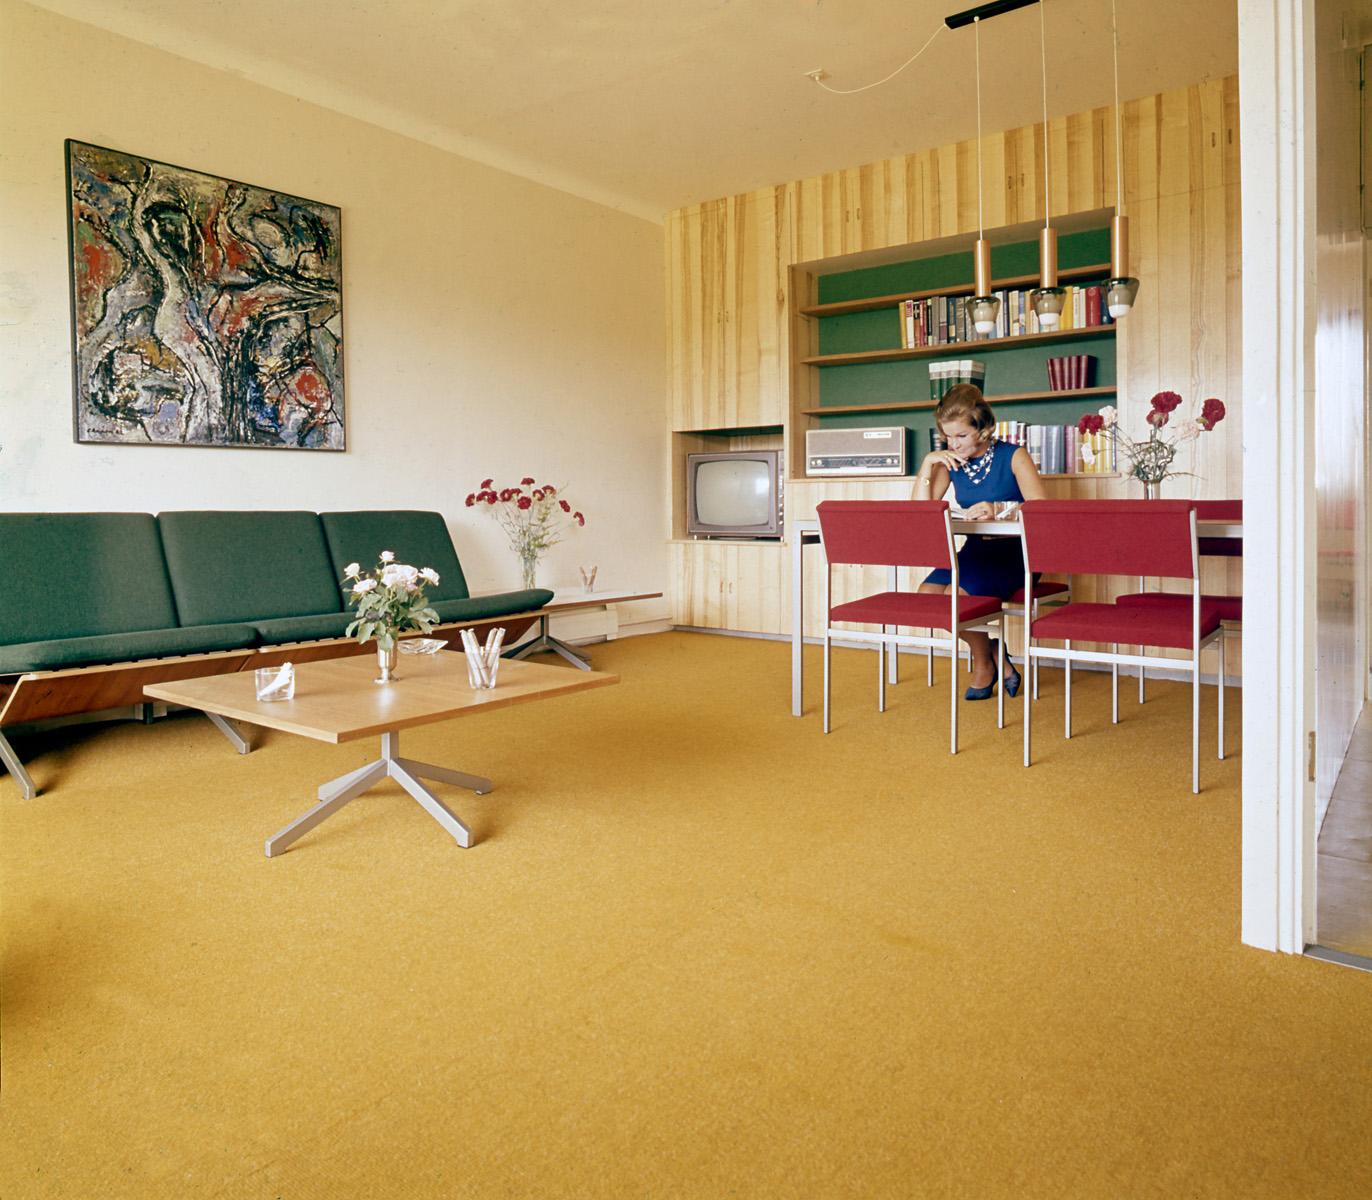 Fotomodel nelliette mooij poseert in de woonkamer for Interieur huiskamer